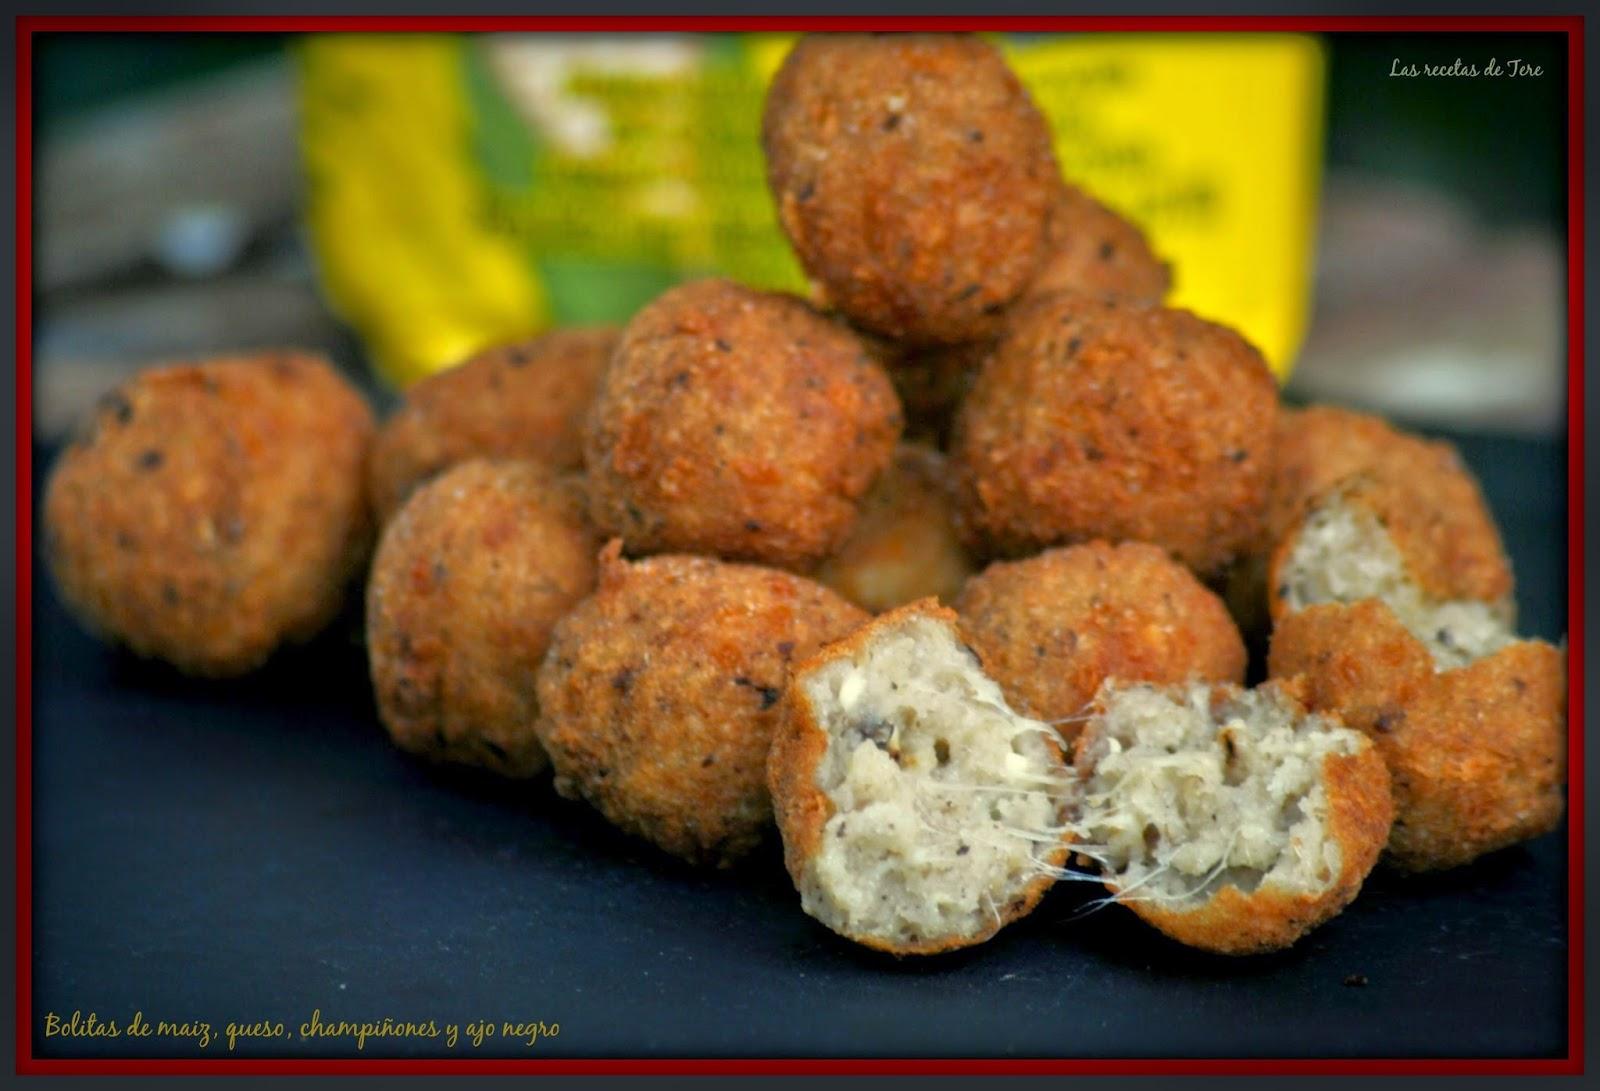 Bolitas de maiz queso champiñones y ajo negro 05